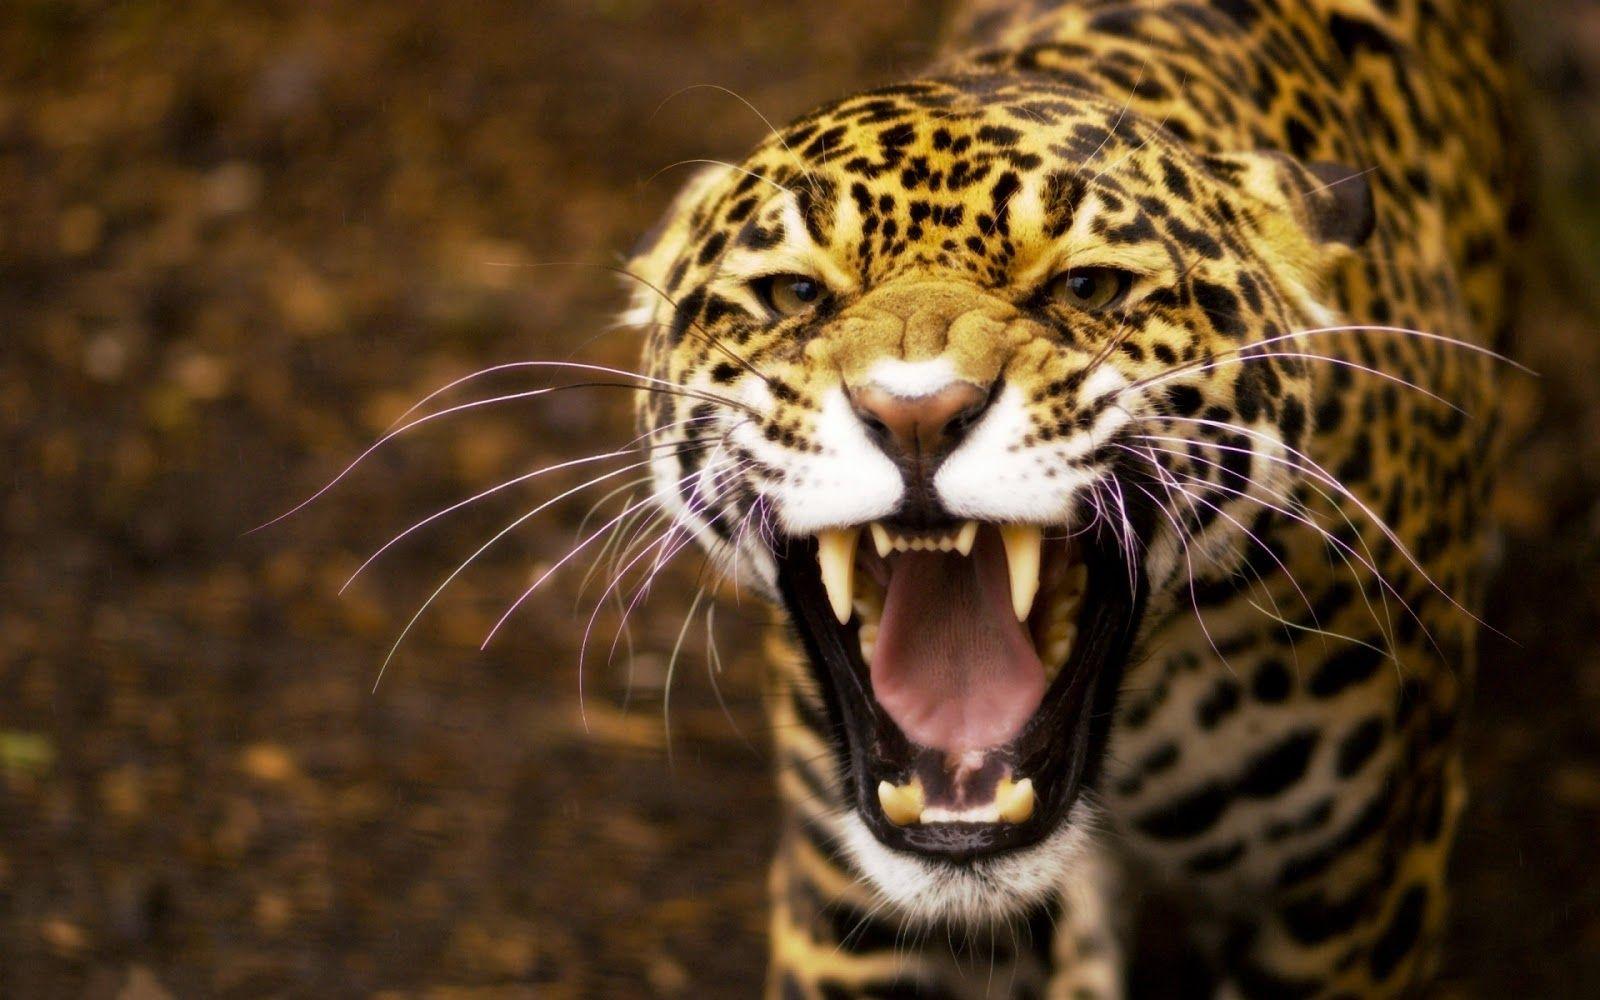 470+ Gambar Hewan-hewan Buas HD Terbaik